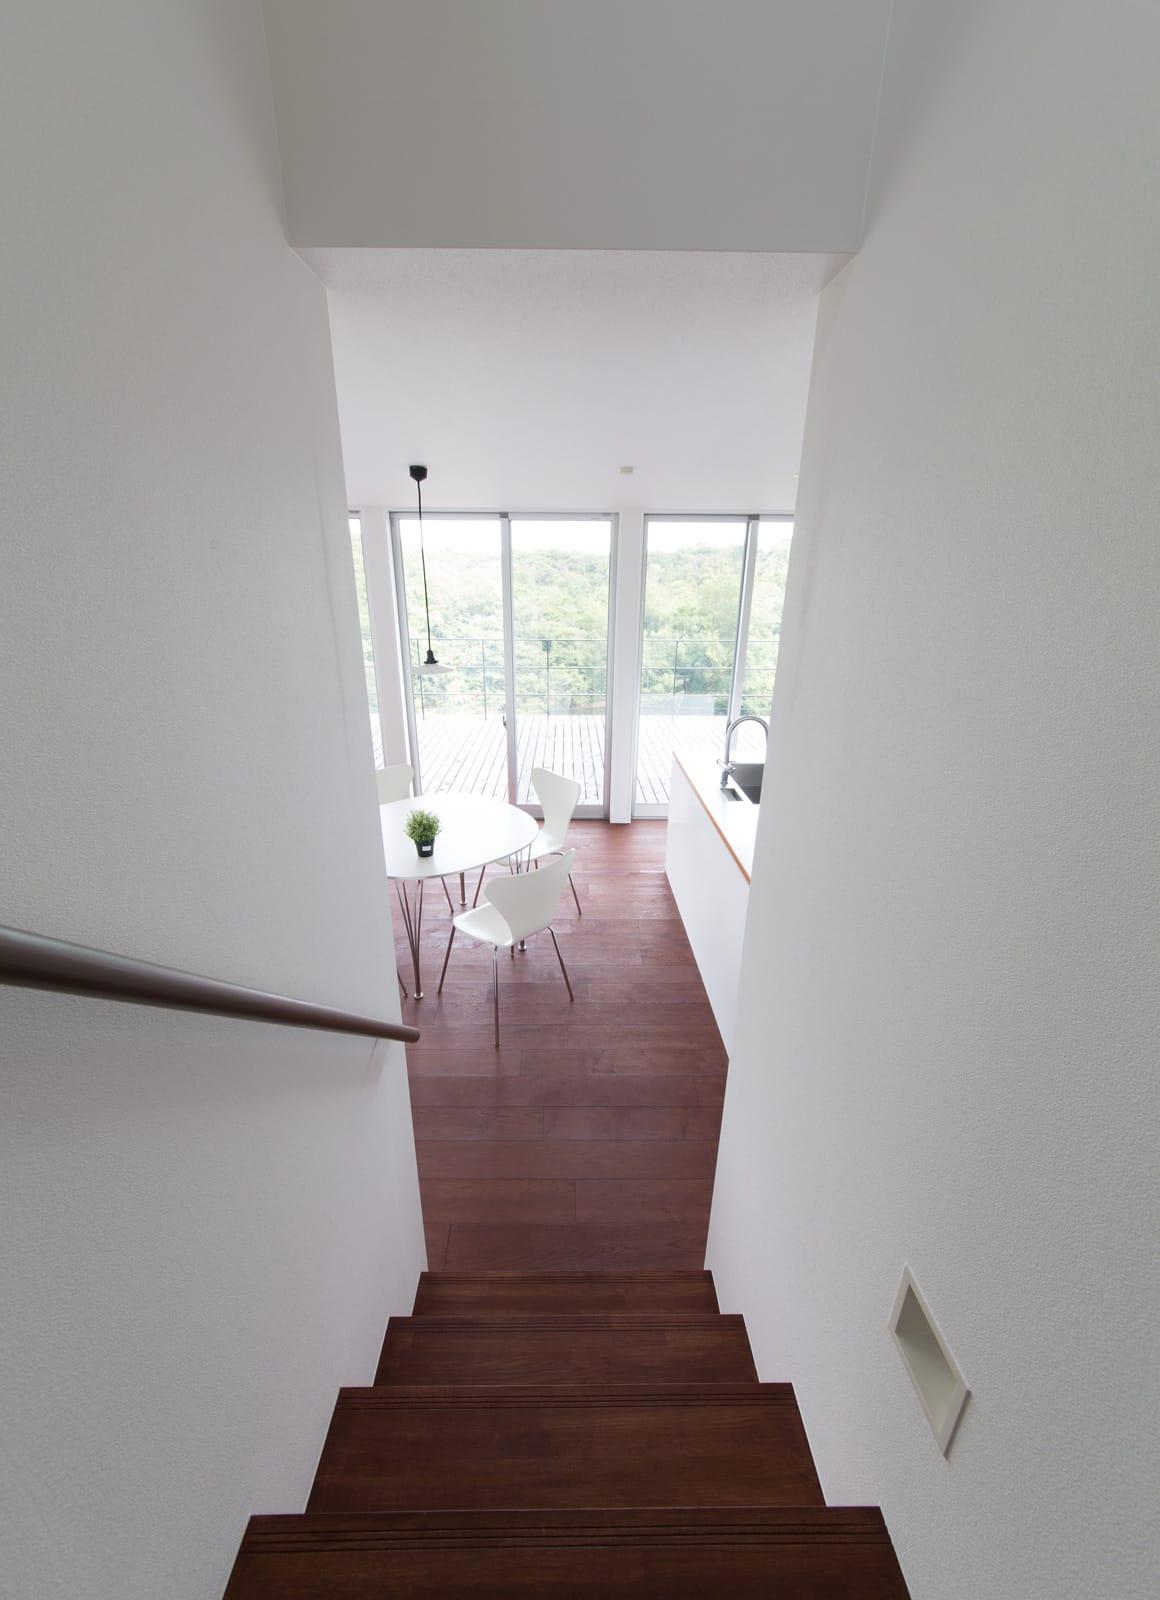 傾斜地に建つアウトドアデッキのある家の階段1